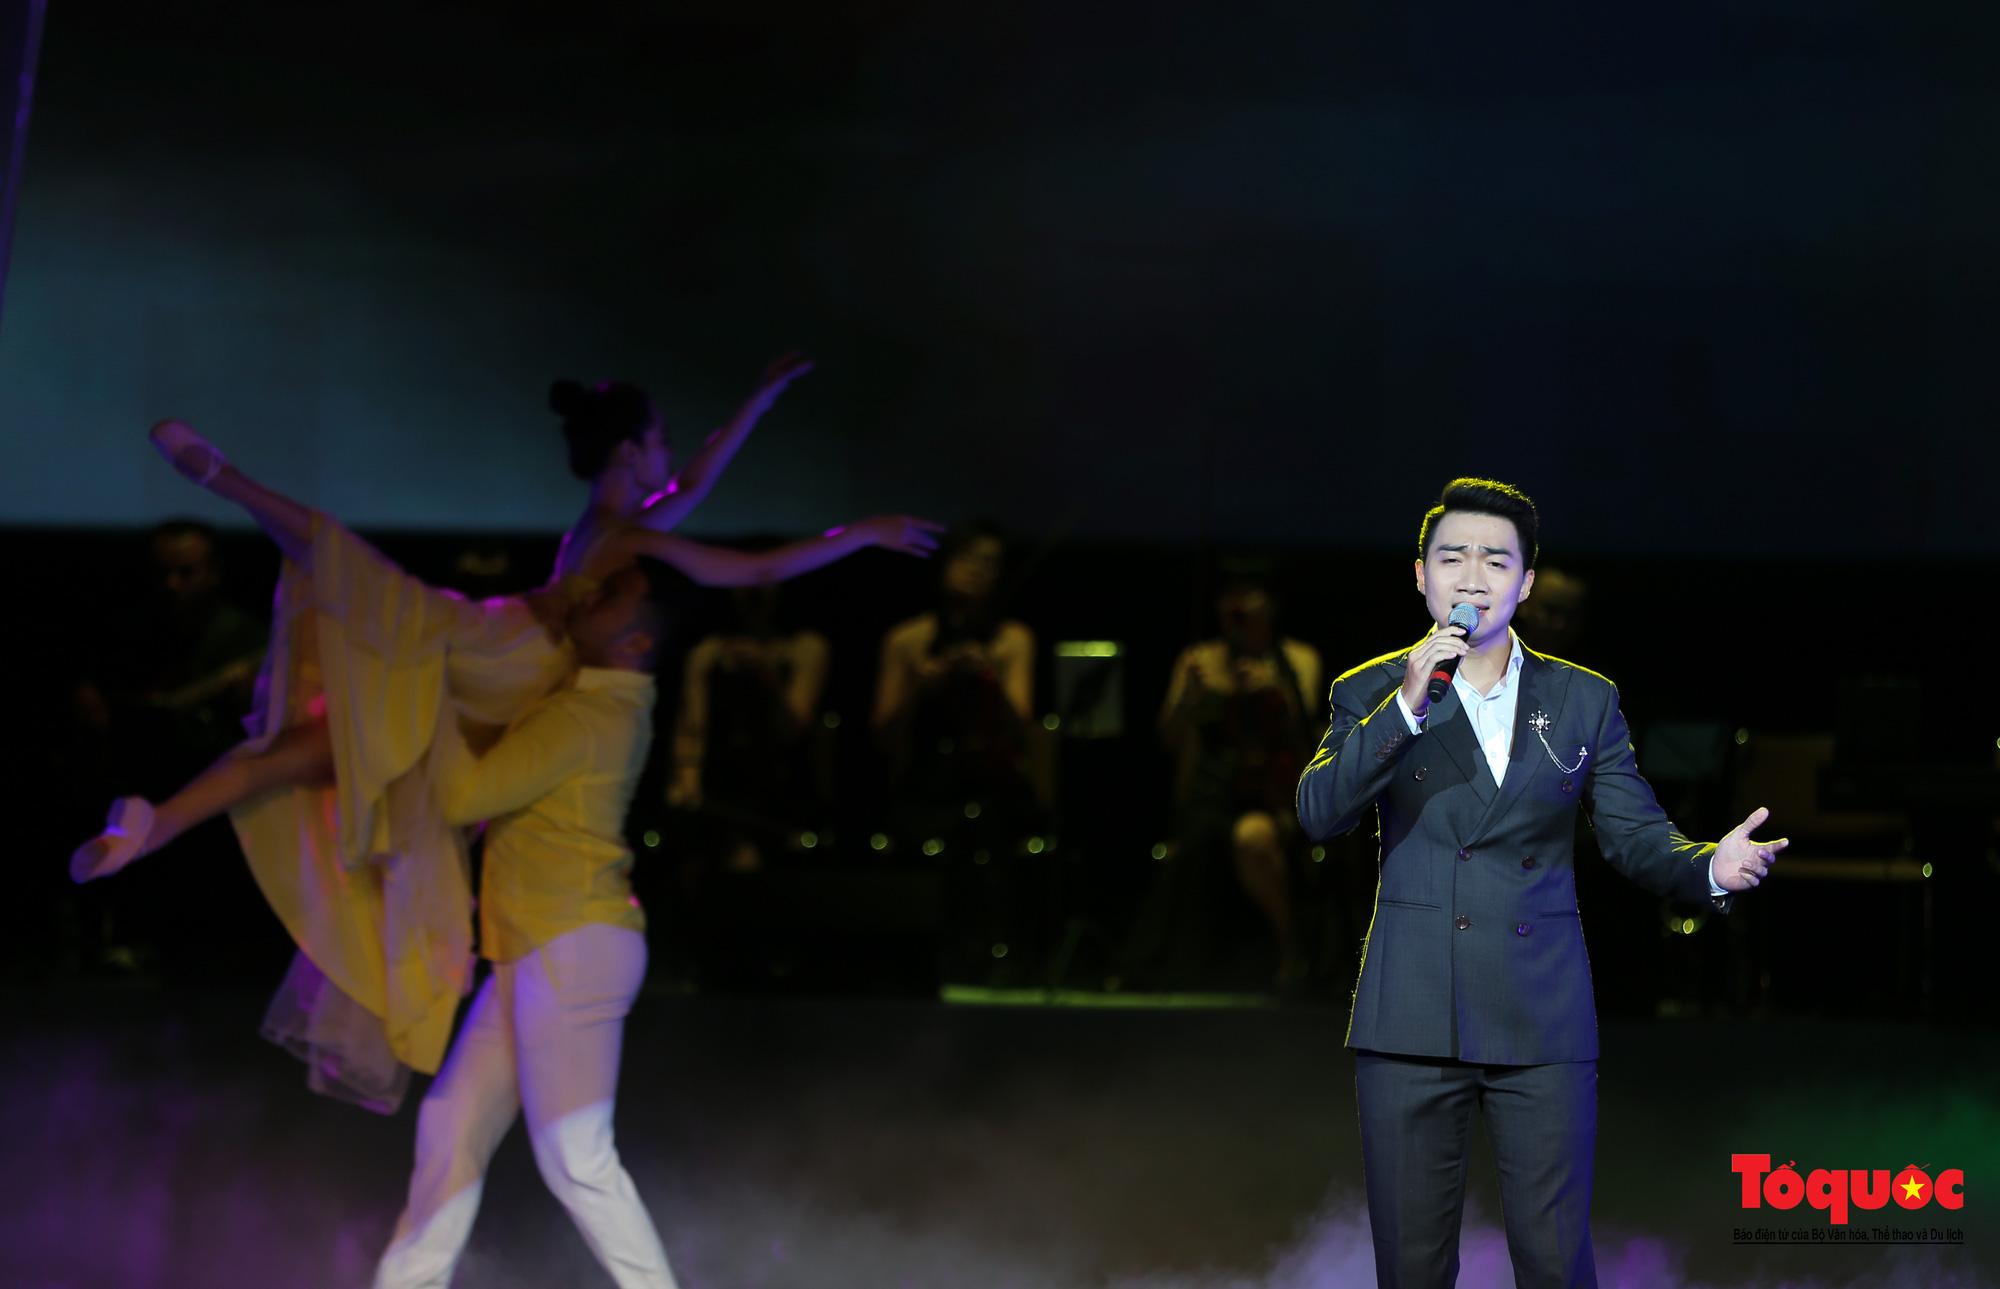 Nhiều cung bậc cảm xúc trong đêm nhạc 'Biển nhớ' tưởng nhớ cố nhạc sĩ Trịnh Công Sơn - Ảnh 7.